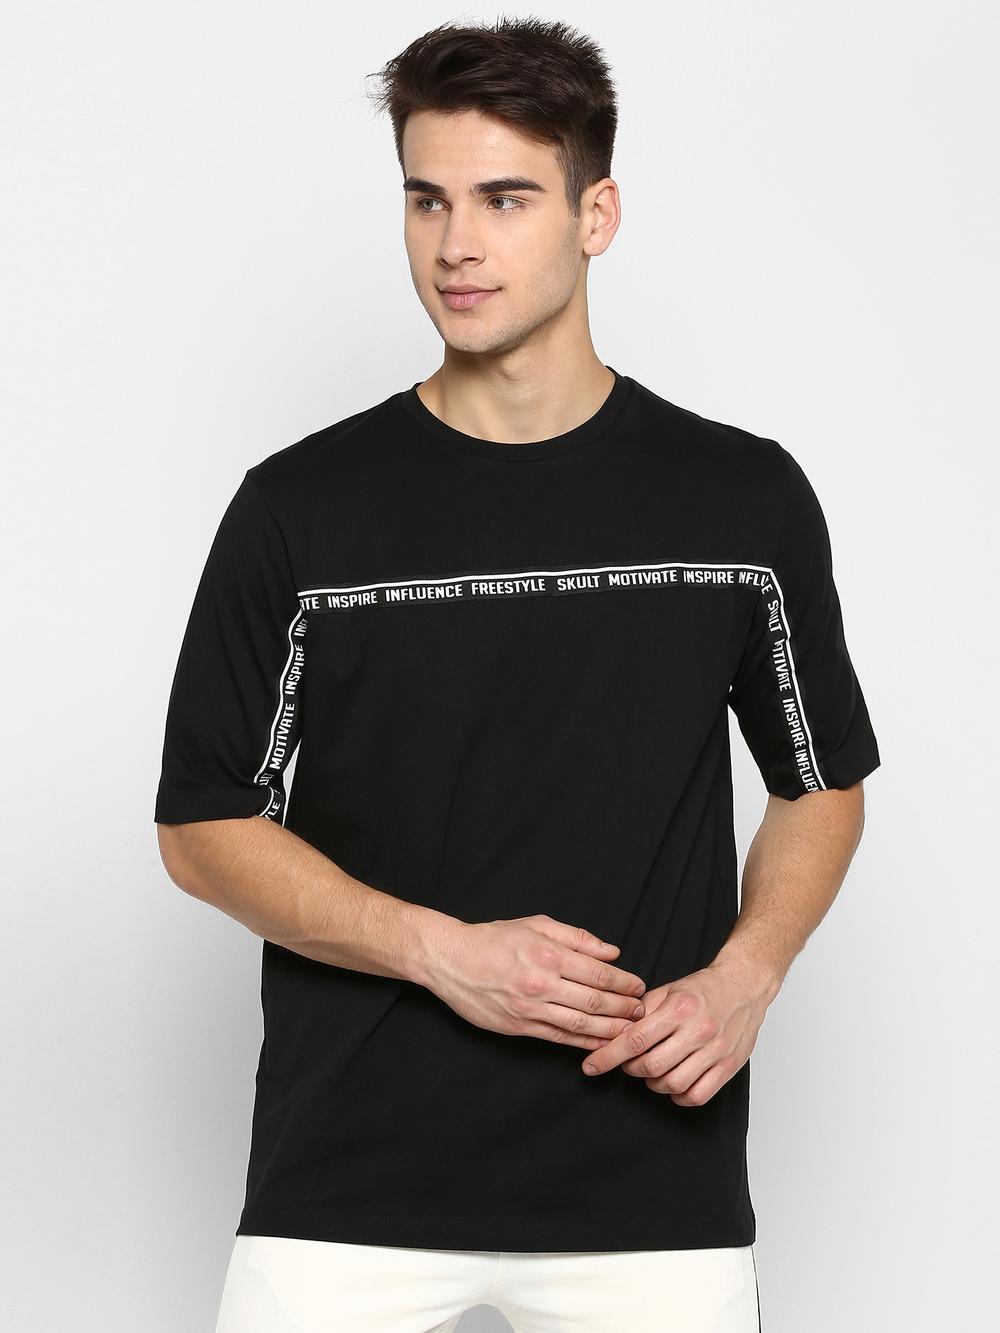 d522ec86f21 Abof Men T Shirts - Buy T Shirts for Men Online India